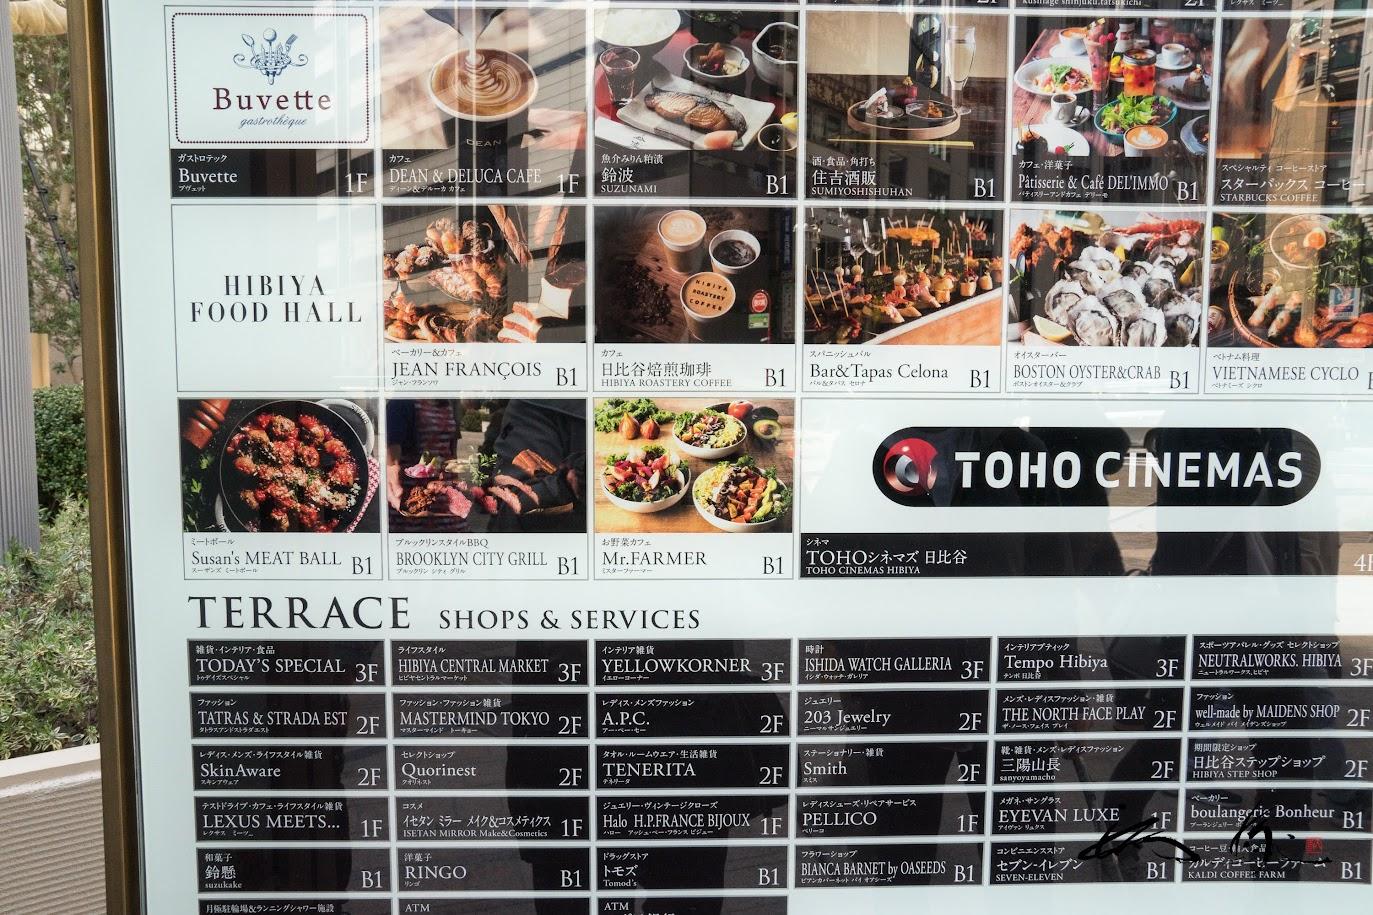 地下1階のレストラン&バー「HIBIYA FOOD HAL」